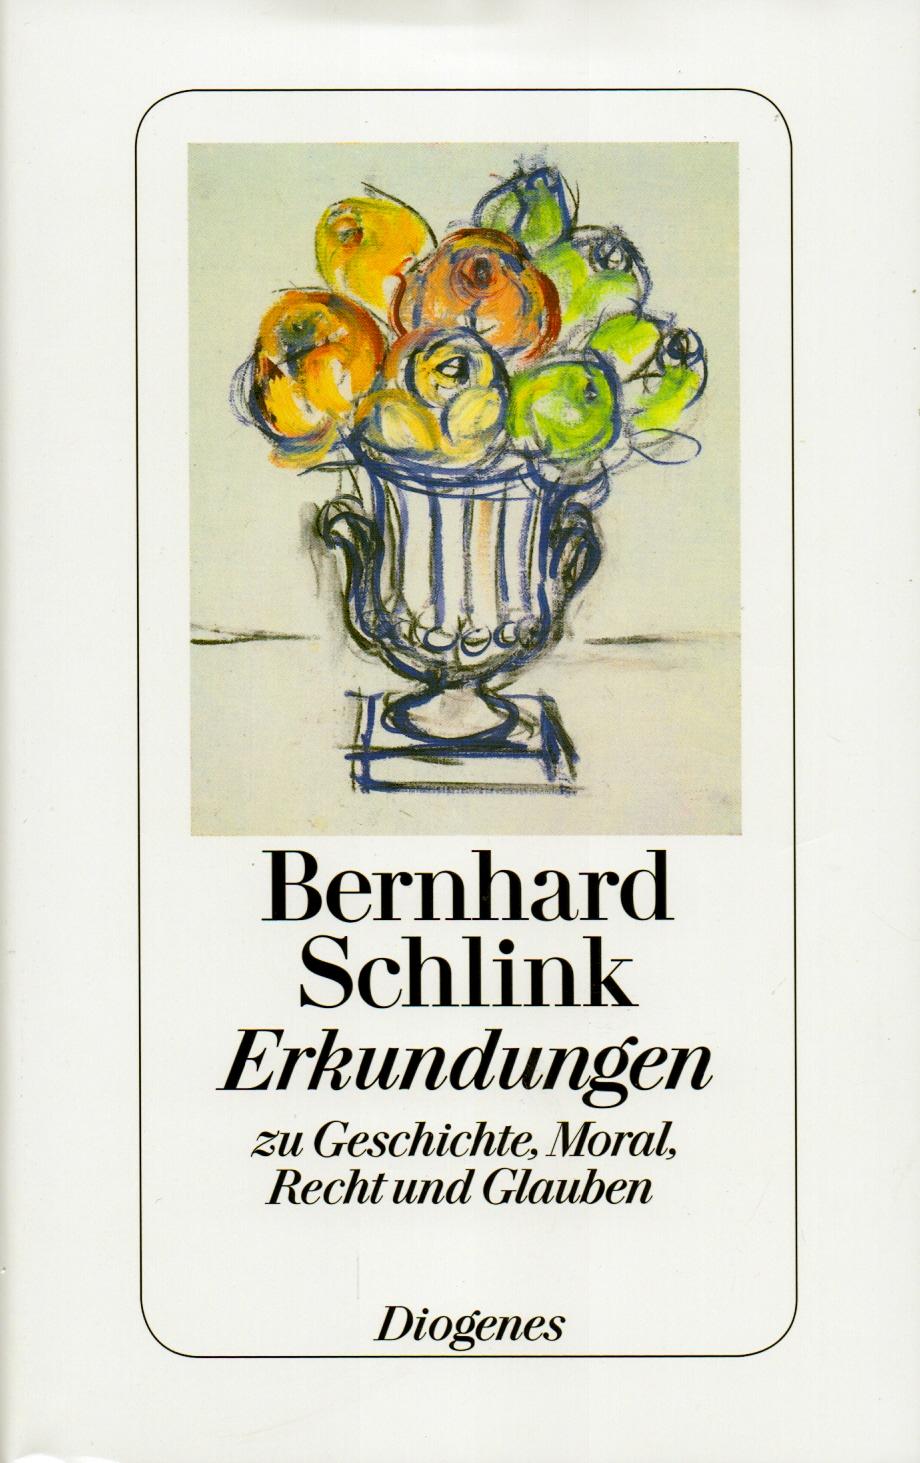 Erkundungen: zu Geschichte, Moral, Recht und Glauben - Bernhard Schlink [Gebundene Ausgabe]